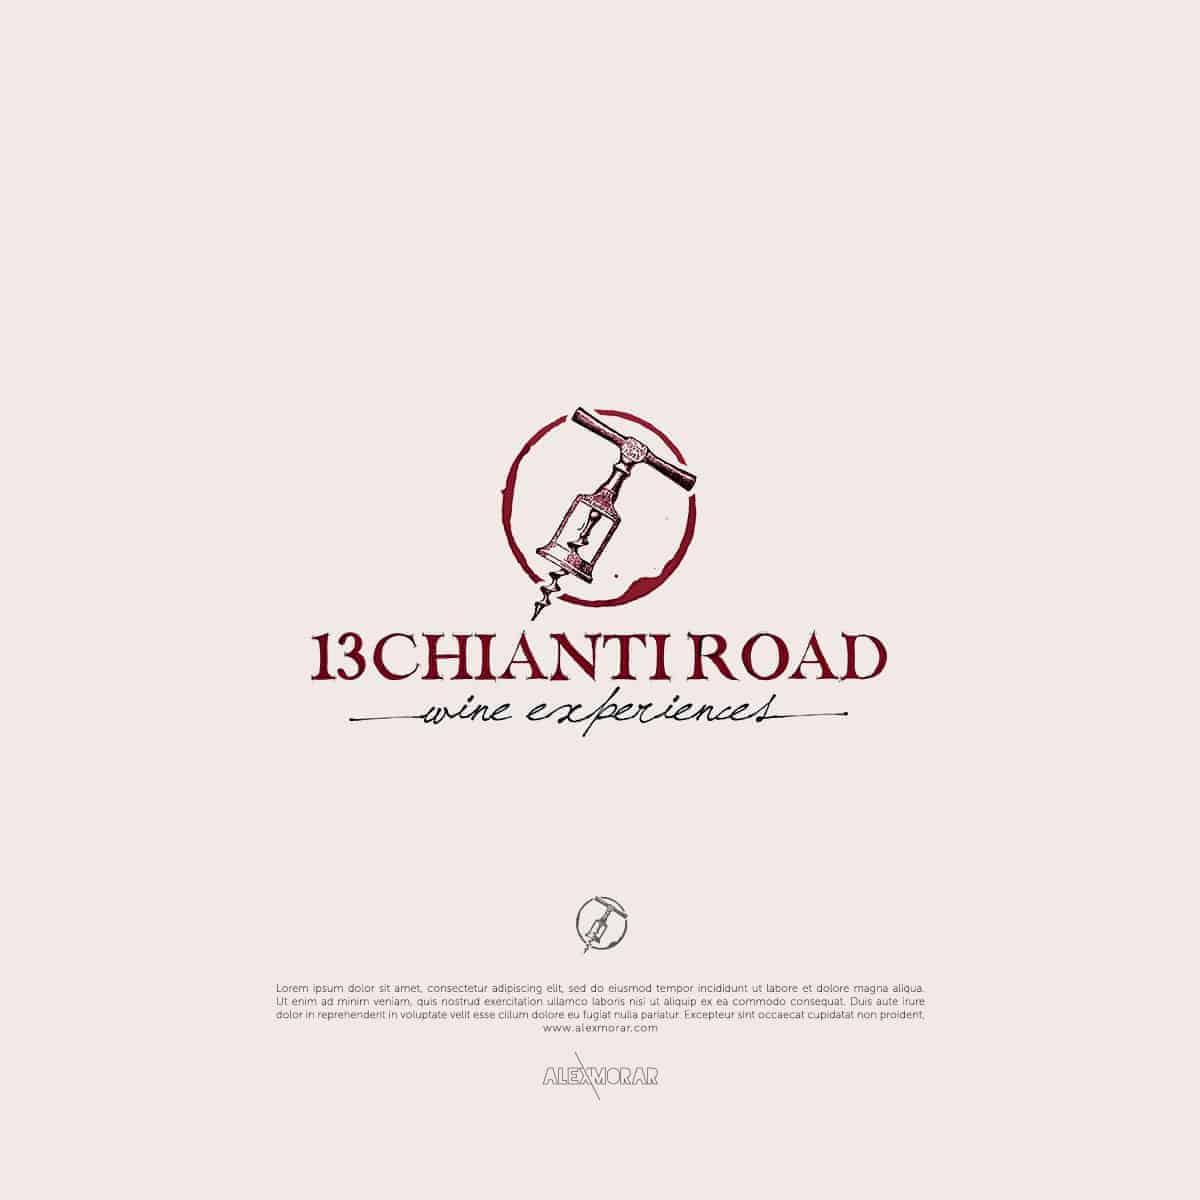 Chianti Road